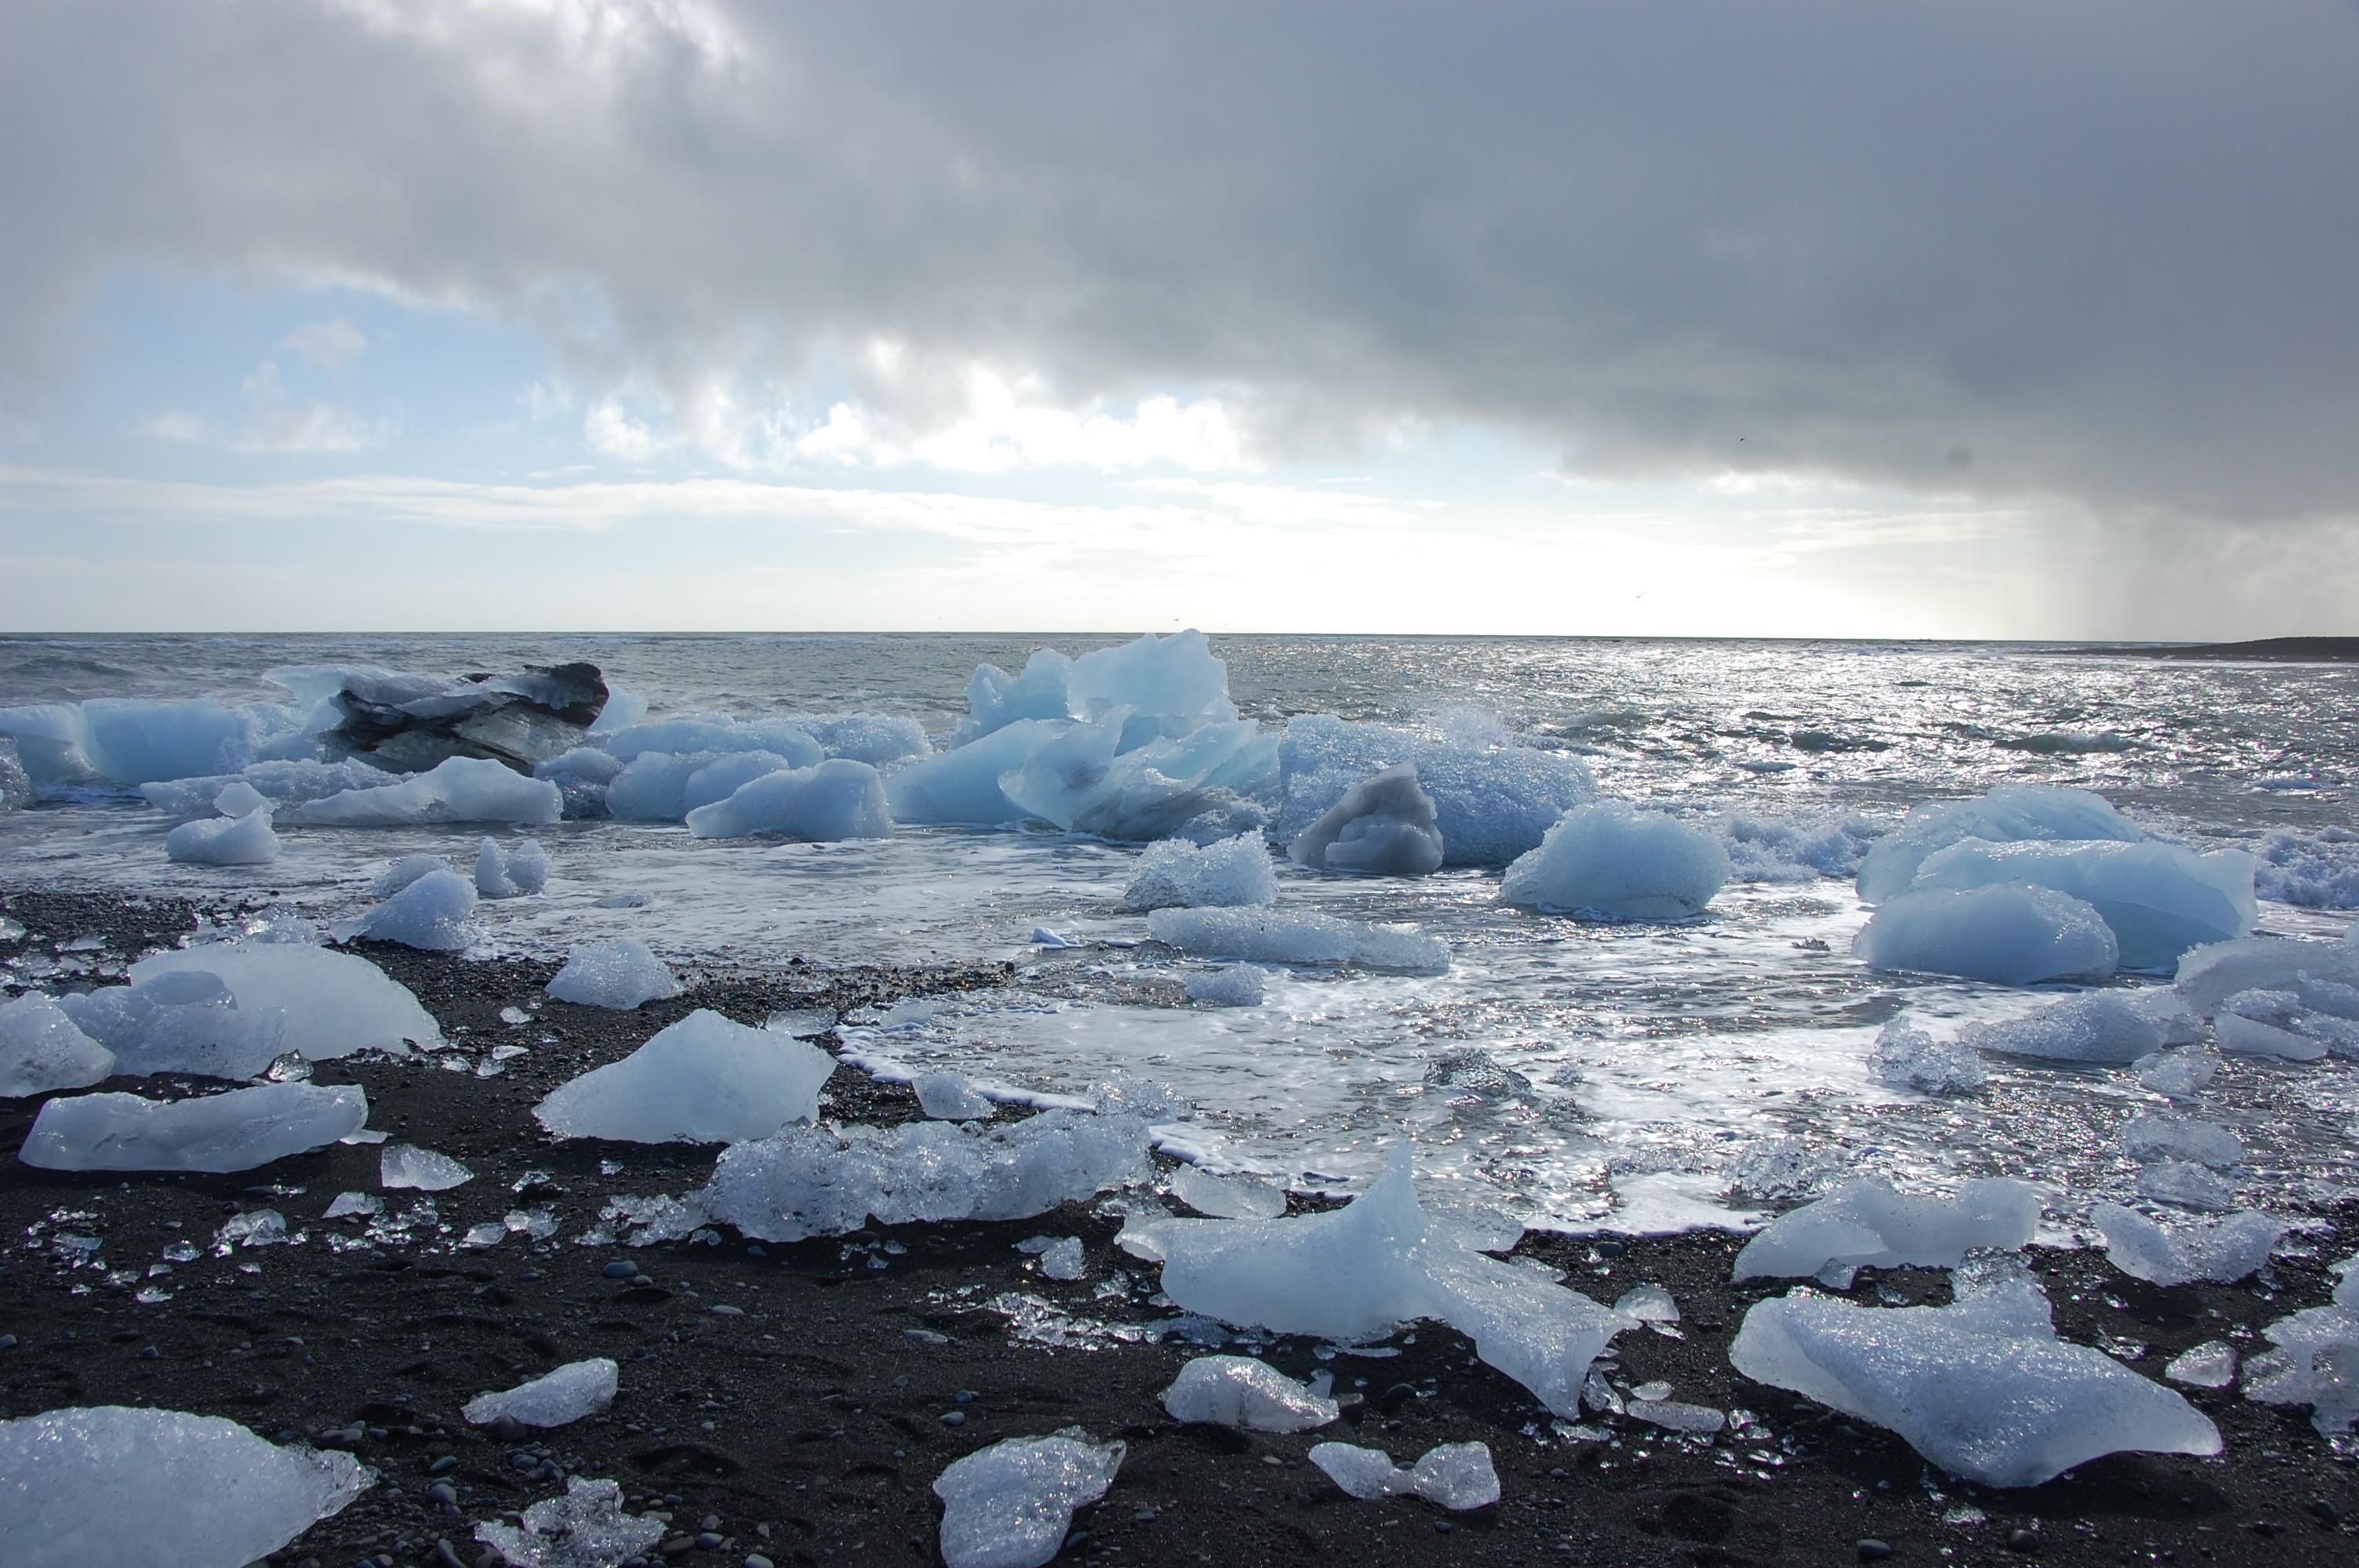 Where the ice caps meet the sea